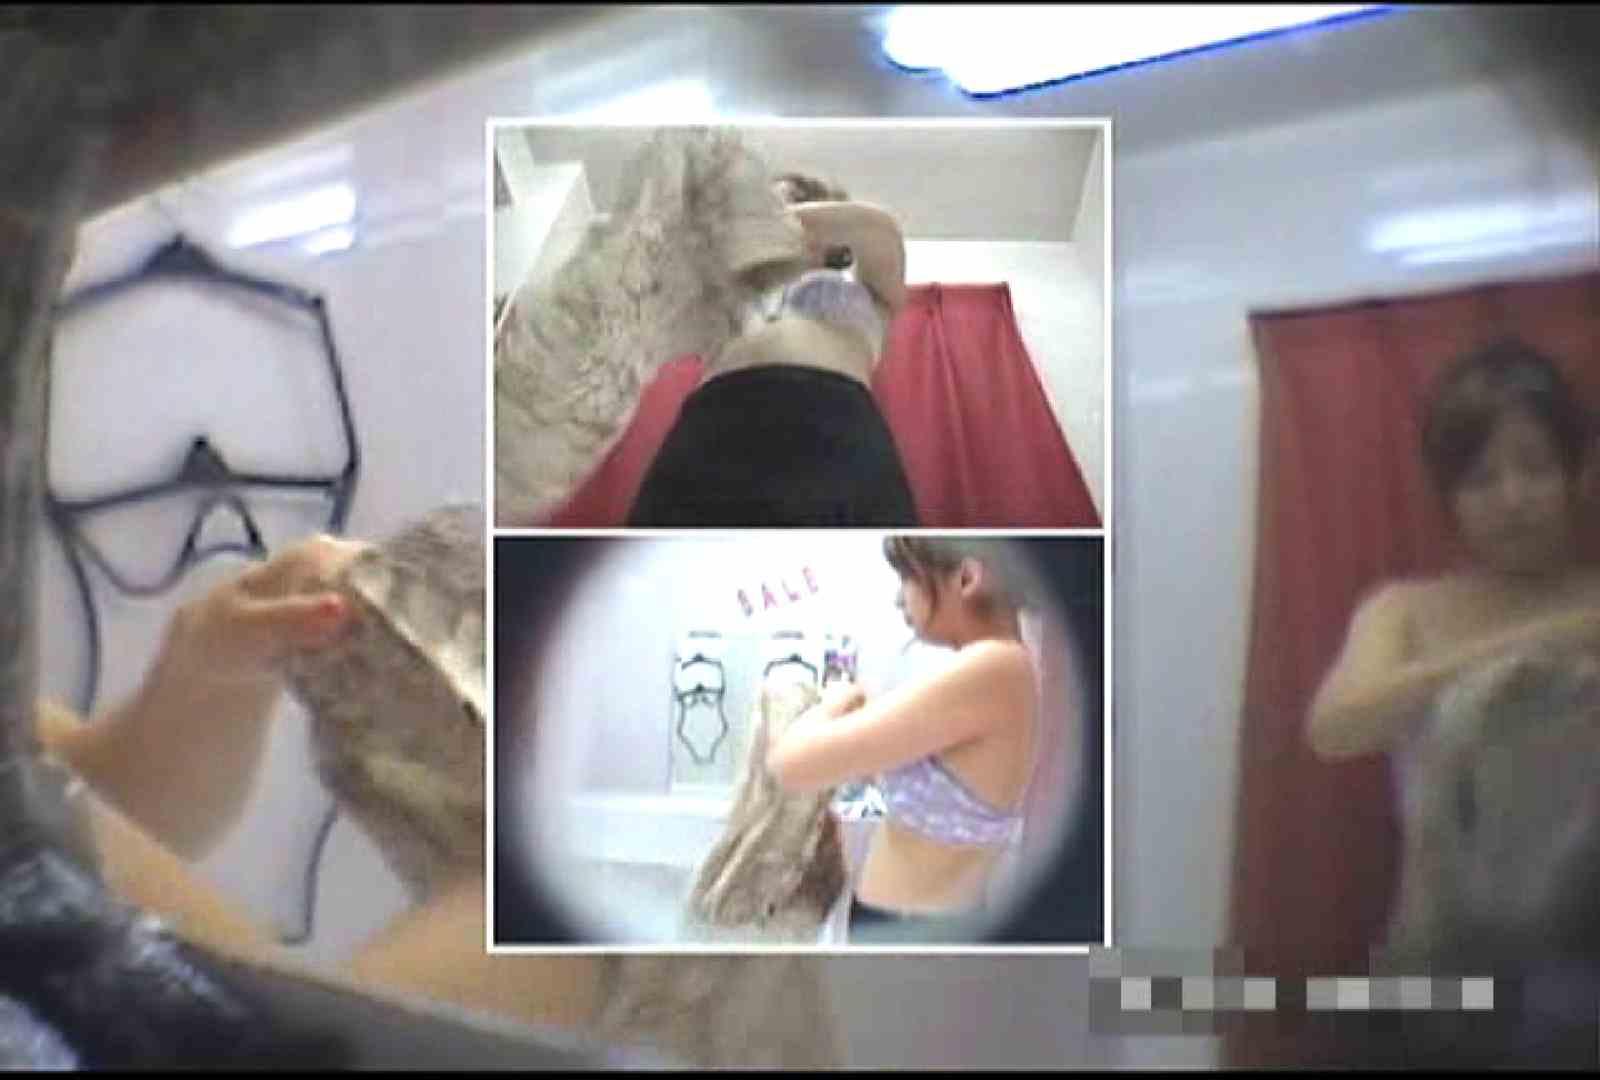 ショップ店長流出!!変態下着を買い漁る女達!Vol.1 OLセックス 盗撮オメコ無修正動画無料 68画像 42